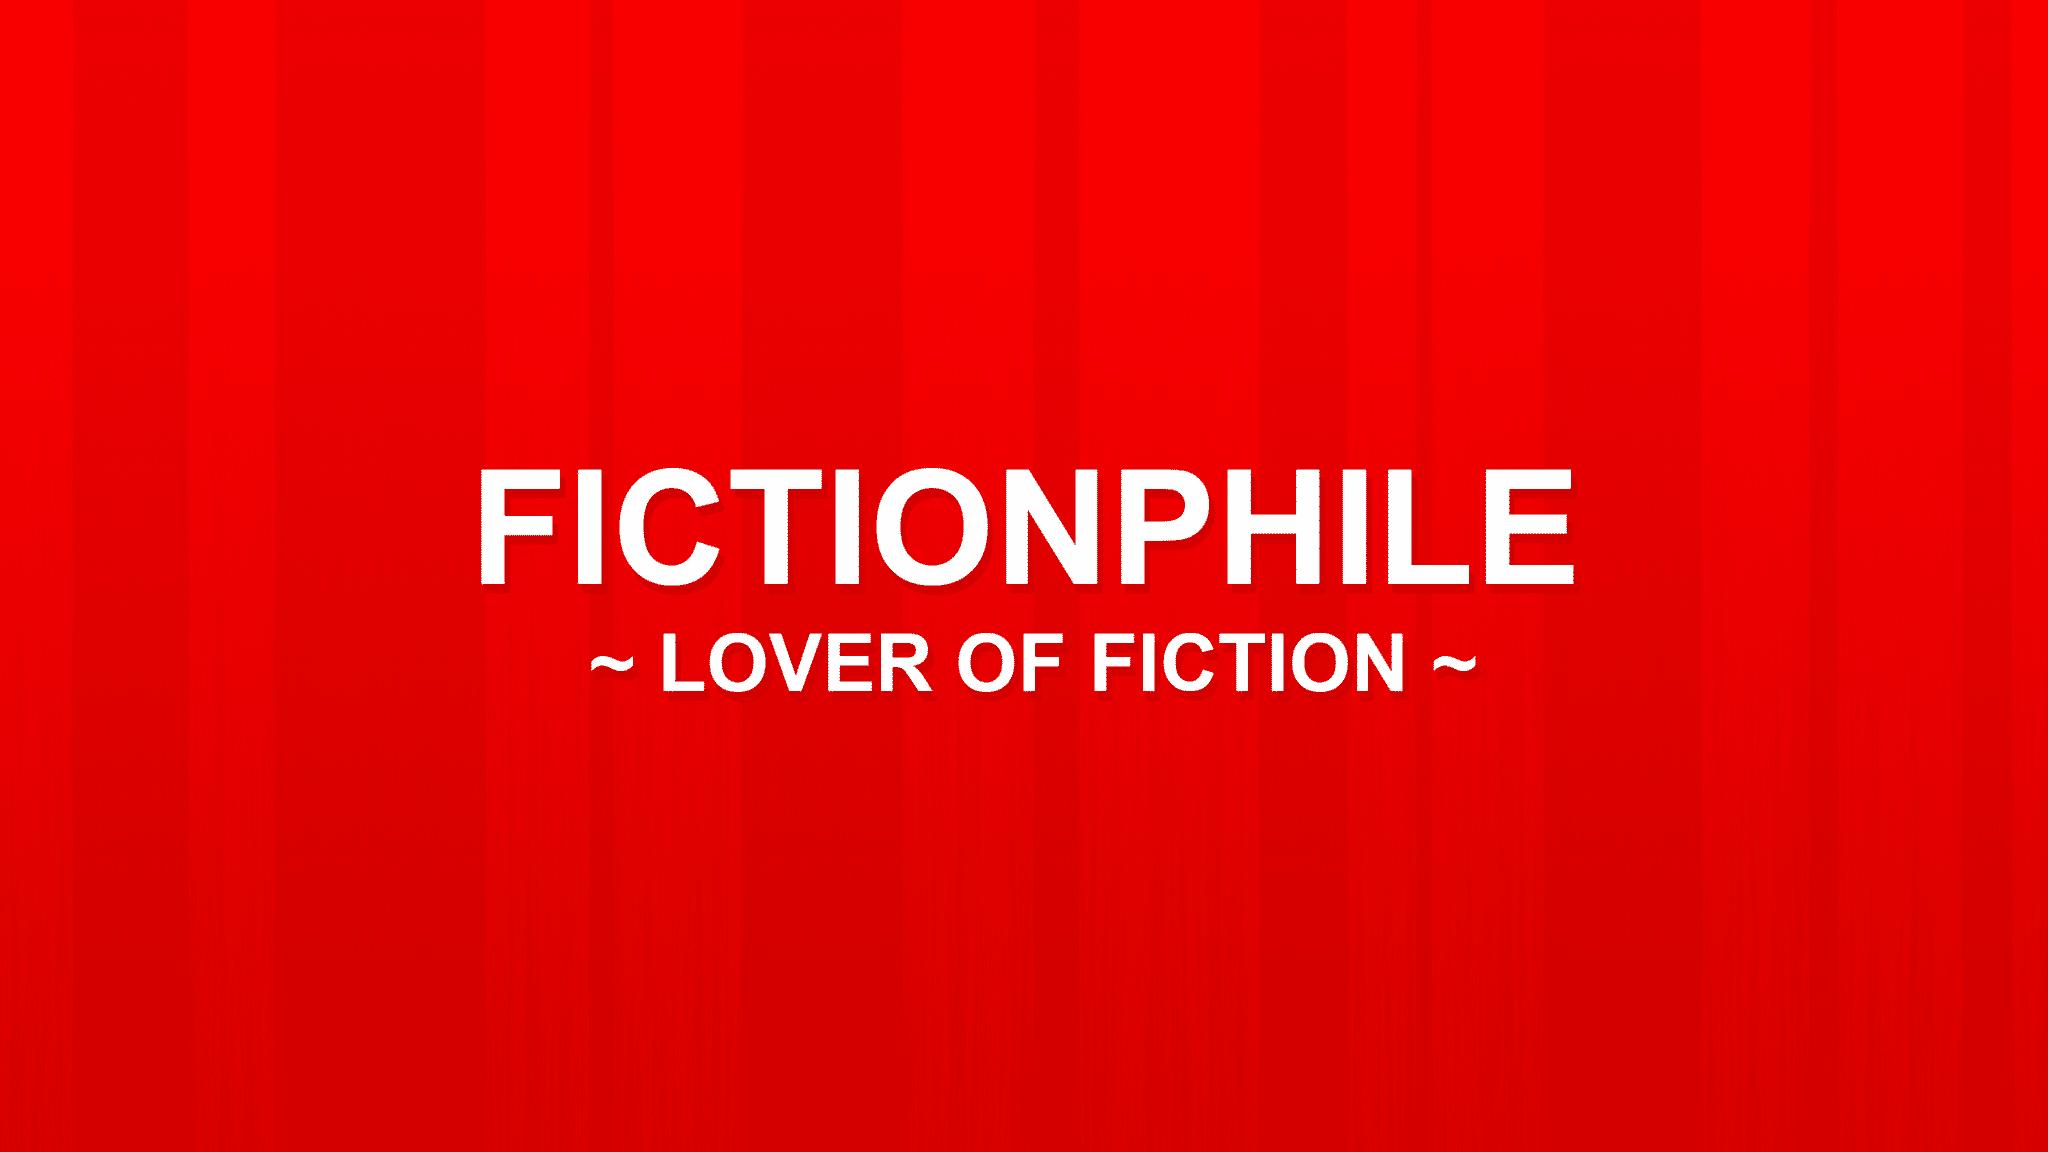 about fictionphile